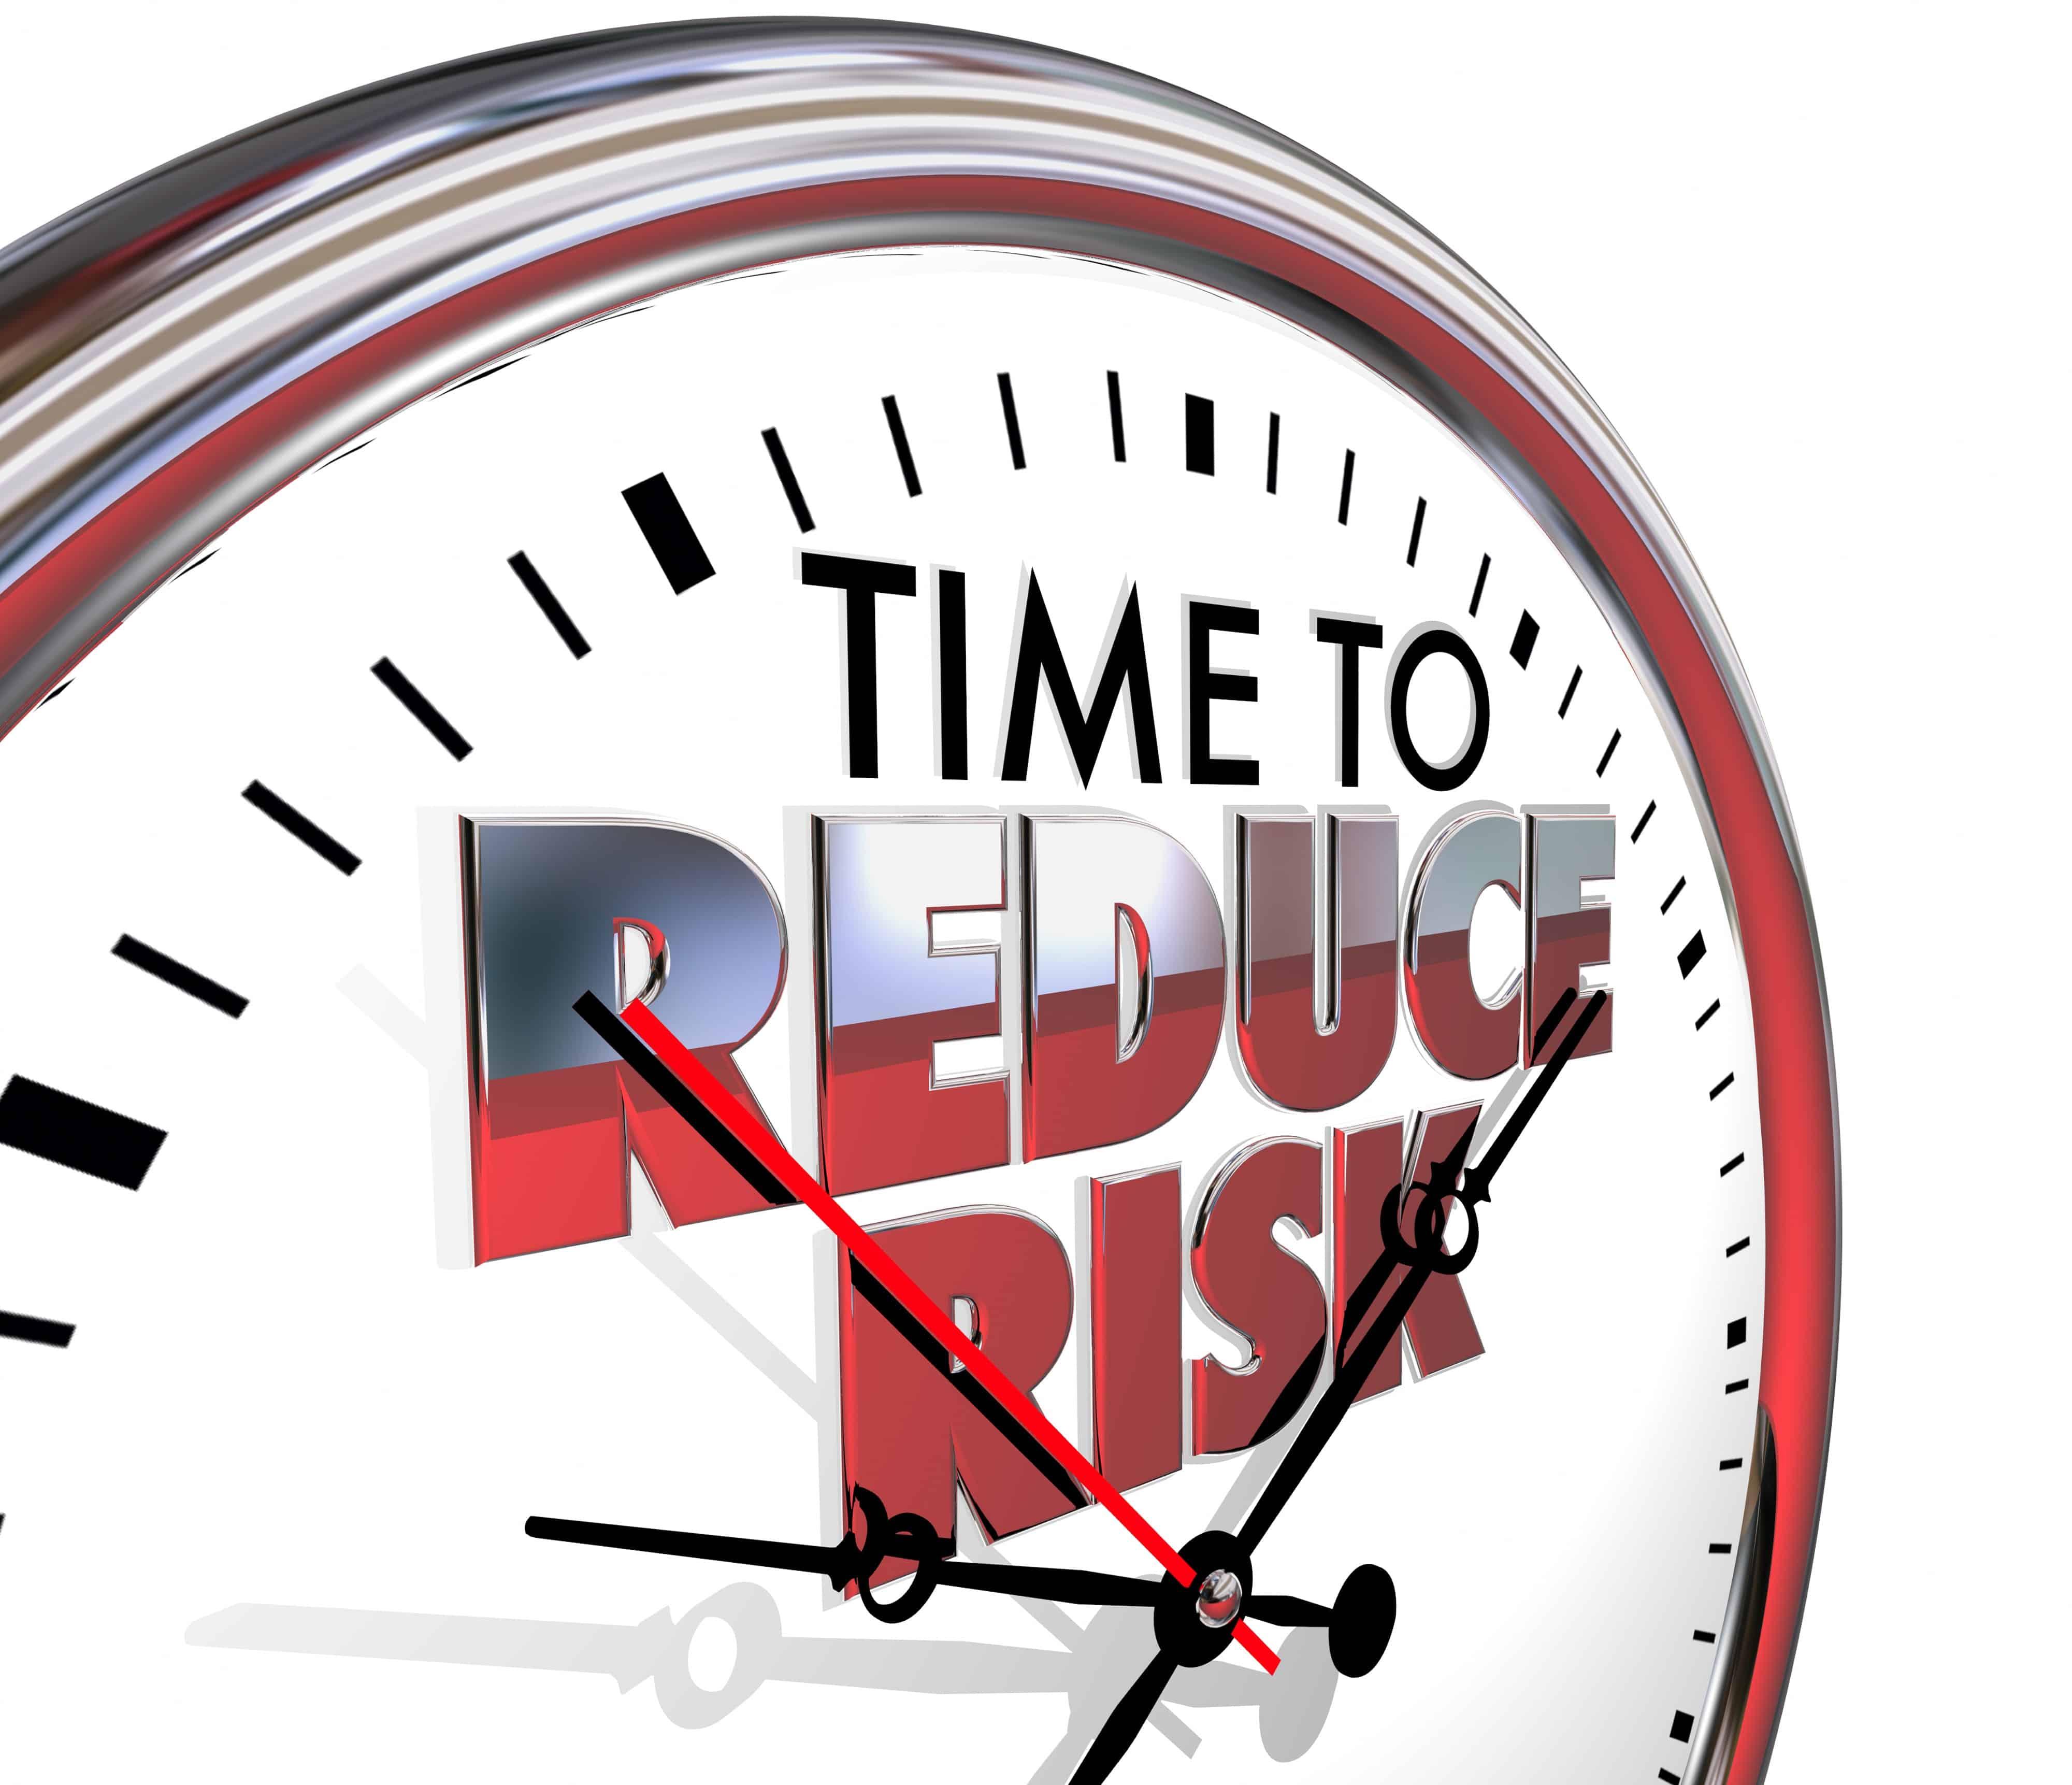 Reduce Risk Clock min